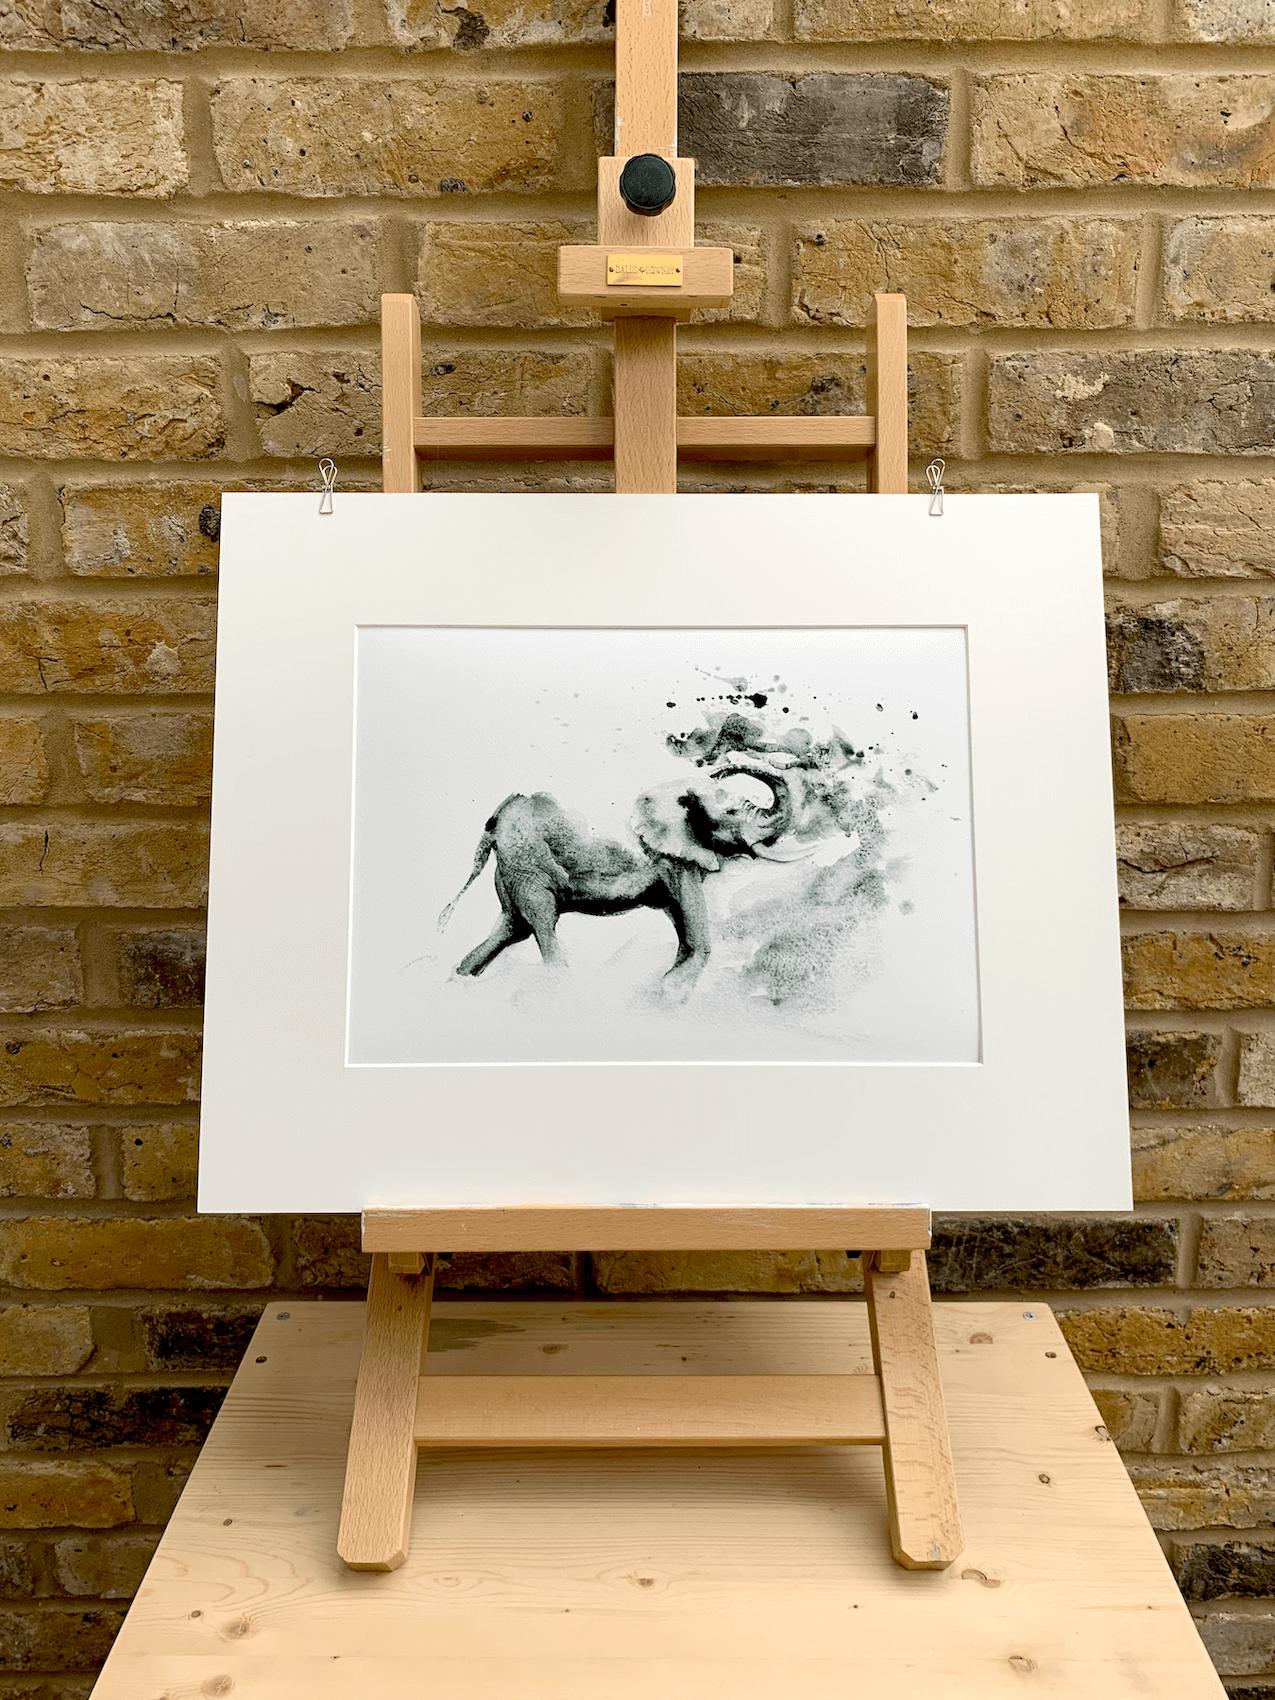 Elephant Bath by Zuzana Edwards, African animal monochrome fine art print 10.5 x 15 inch (27 x 38 cm)